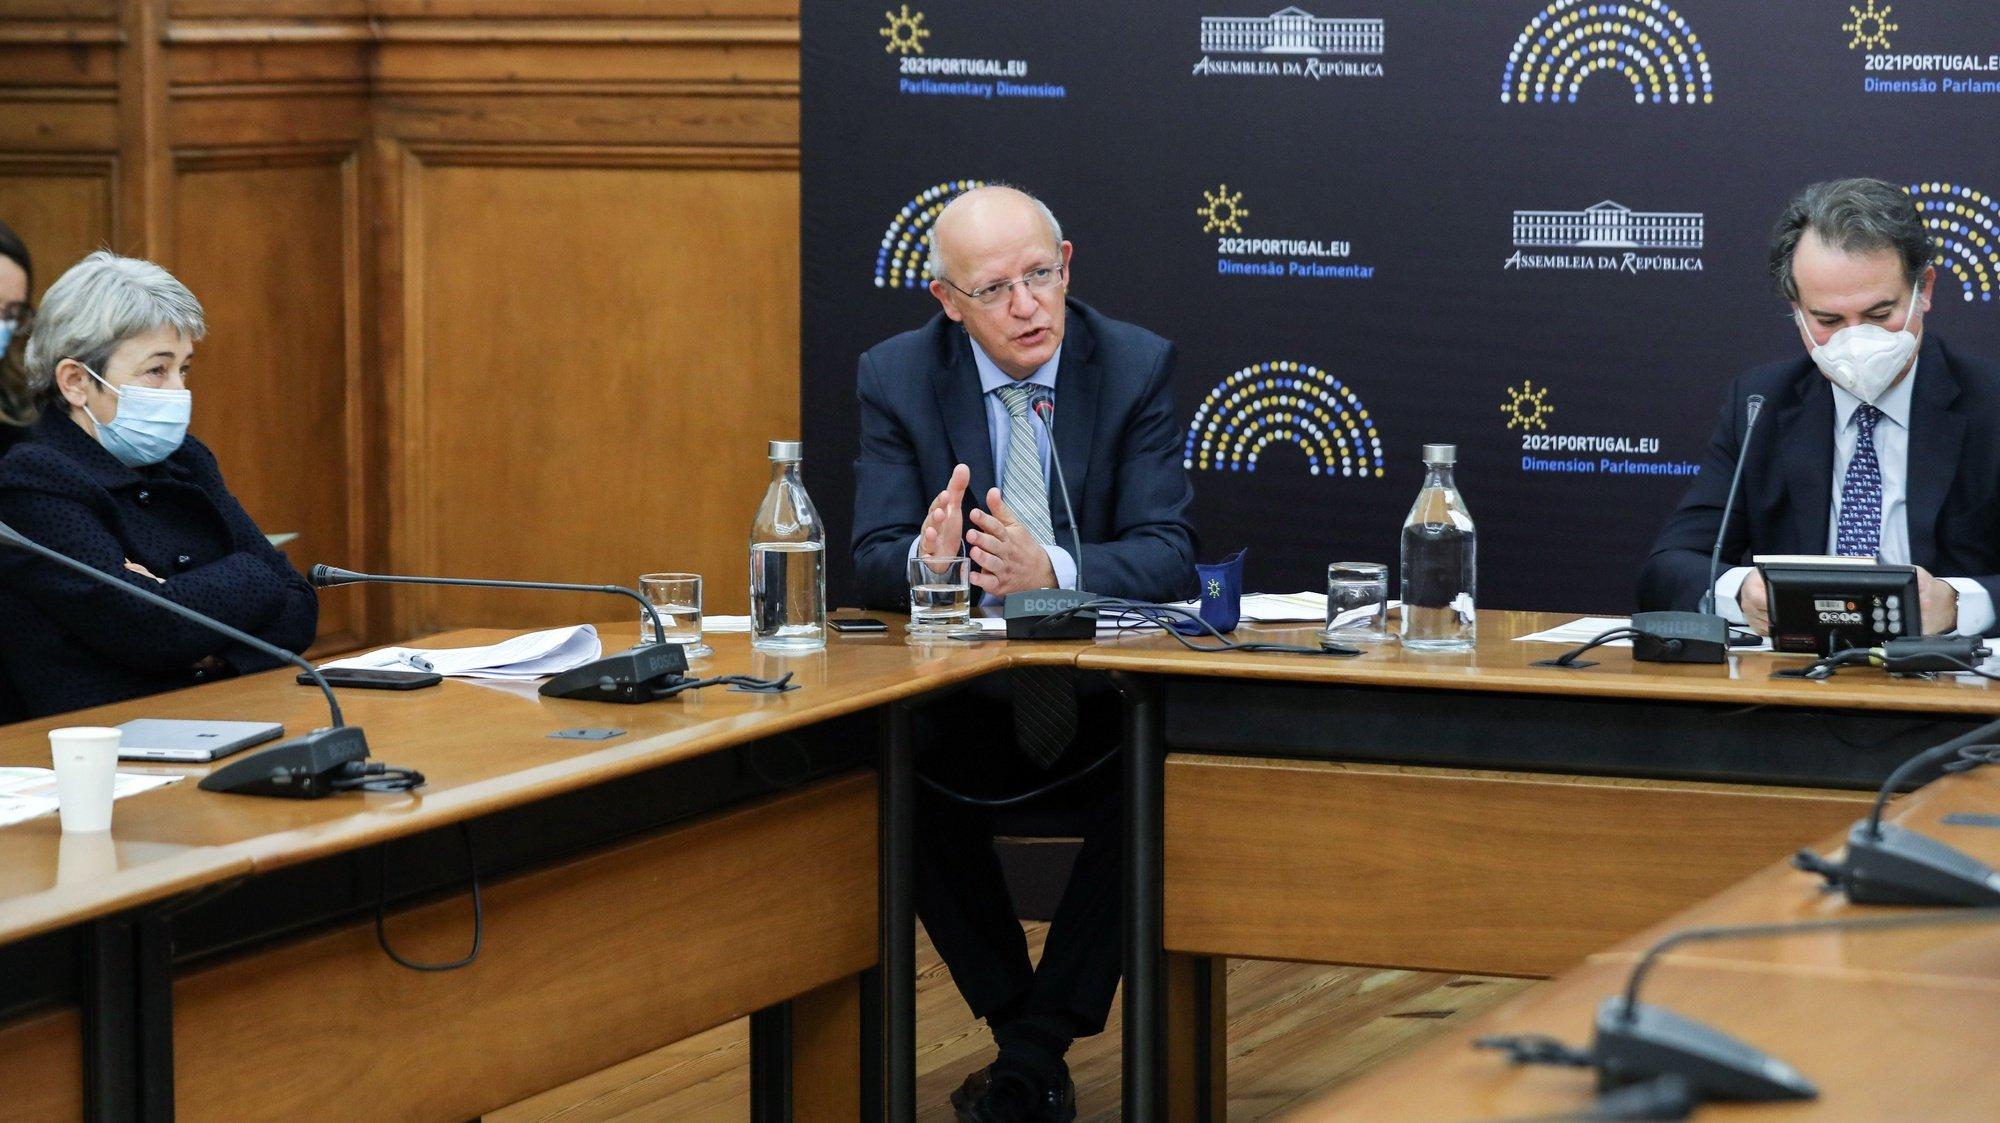 O ministro dos Negócios Estrangeiros, Augusto Santos Silva (C), durante a audição na Comissão de Negócios Estrangeiros e Comunidades Portuguesas esta tarde na Assembleia da República em Lisboa, 23 de fevereiro de 2021. MIGUEL A. LOPES/LUSA